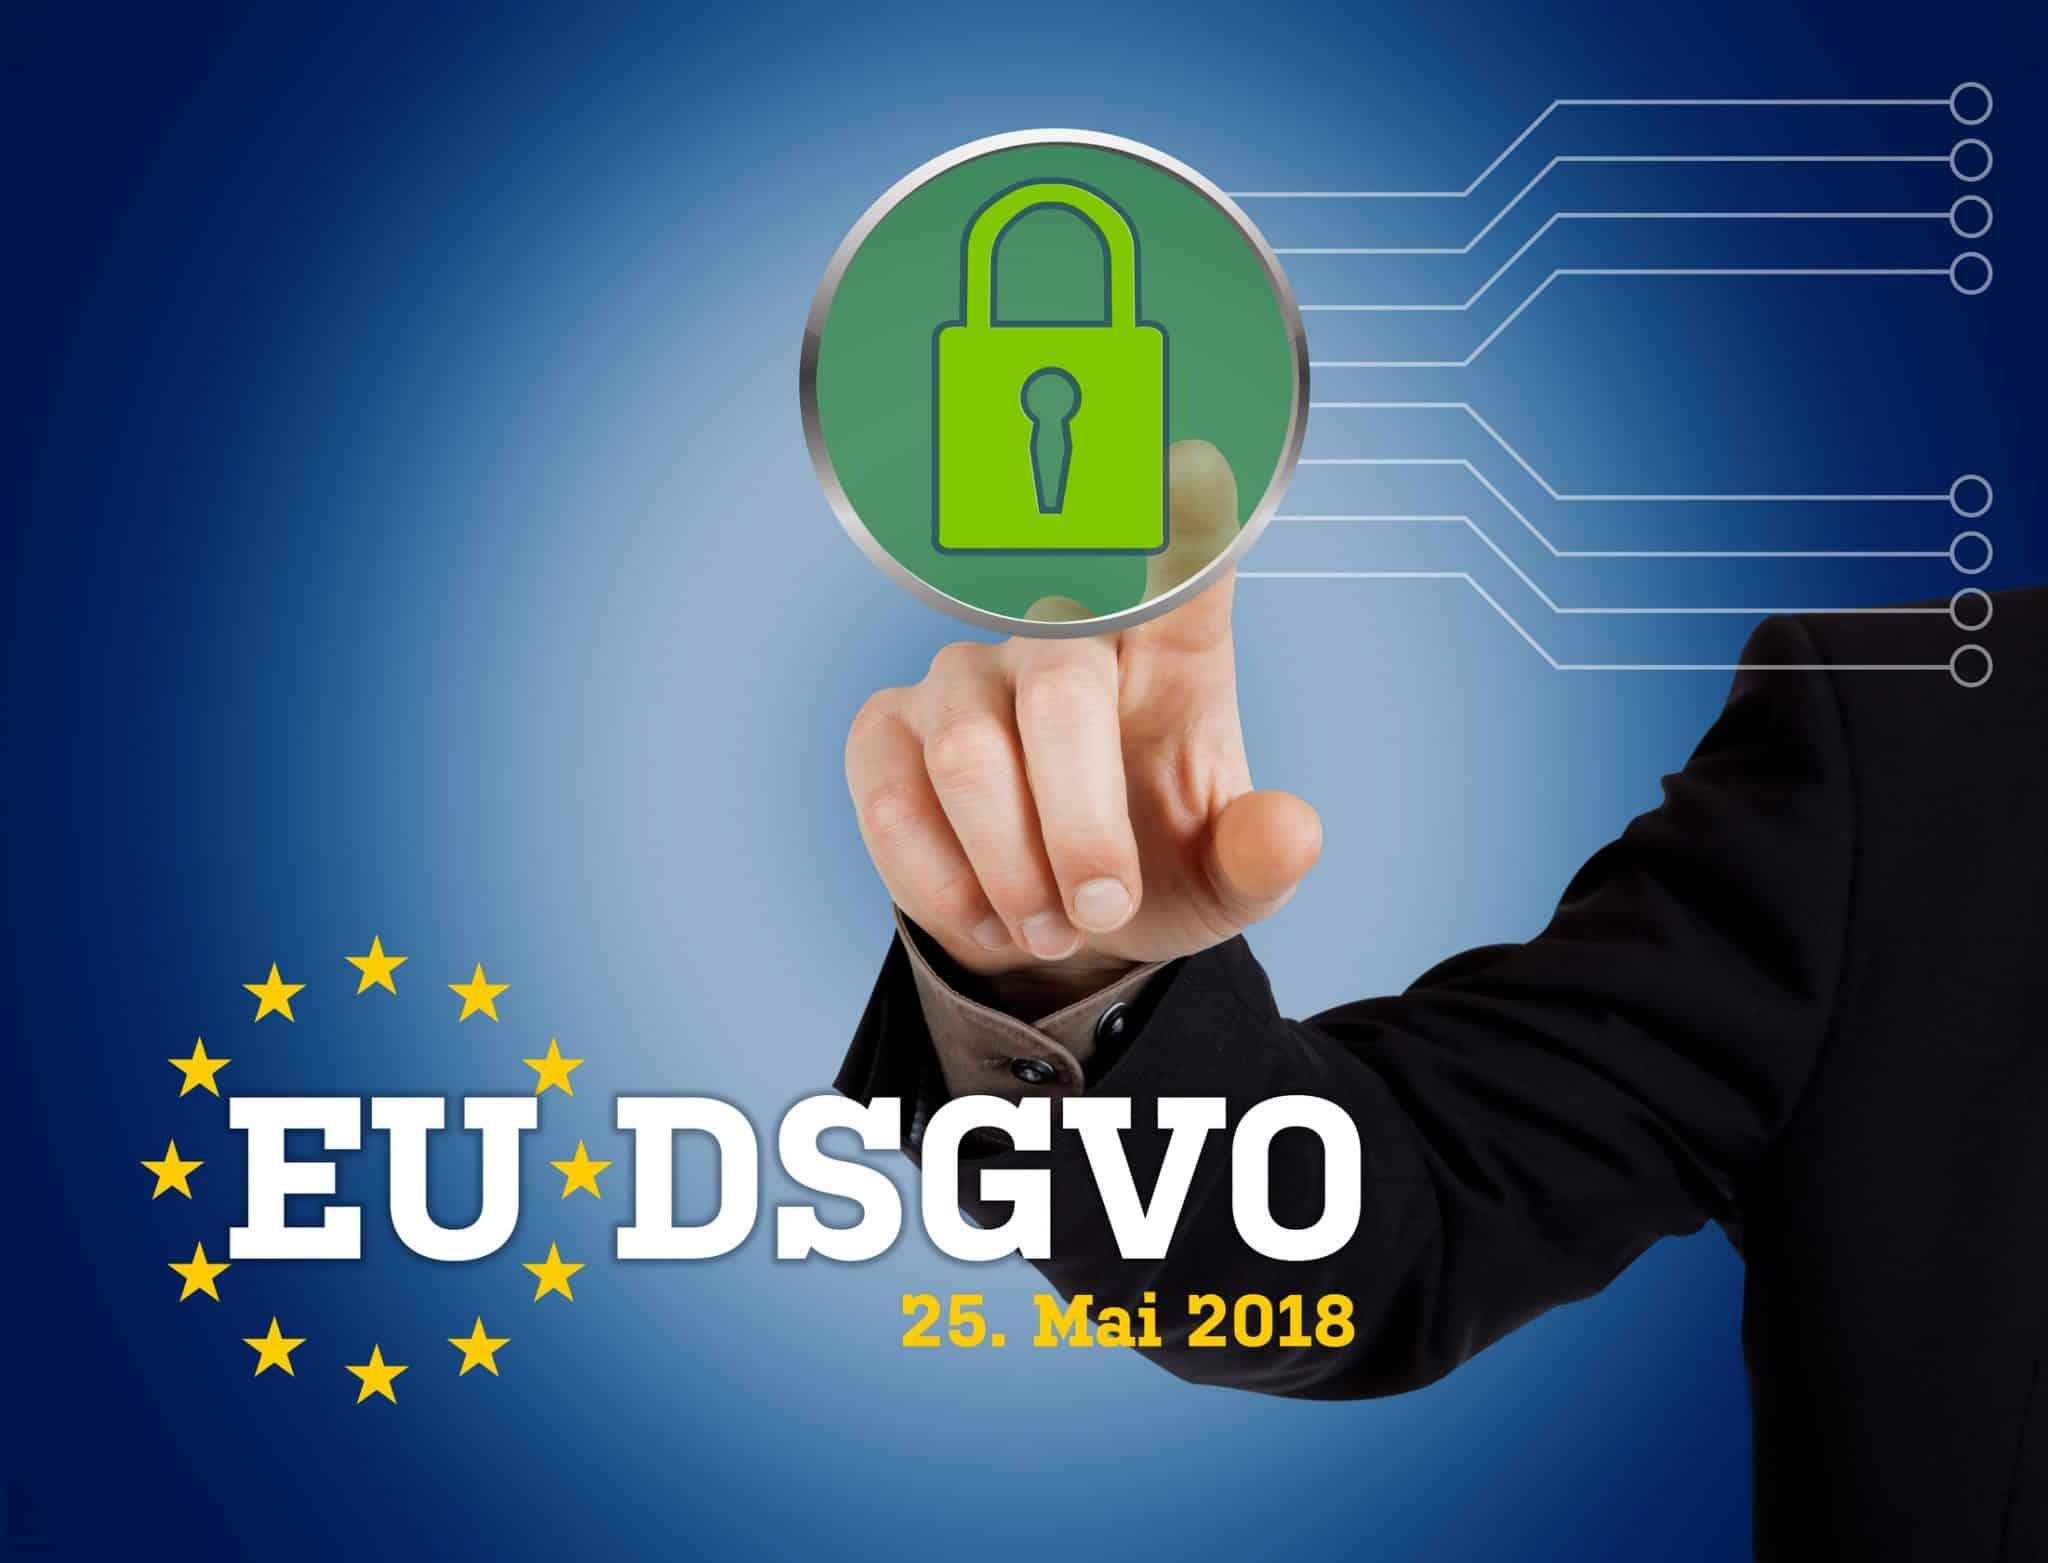 Datenschutz und Umsetzung in der Praxis